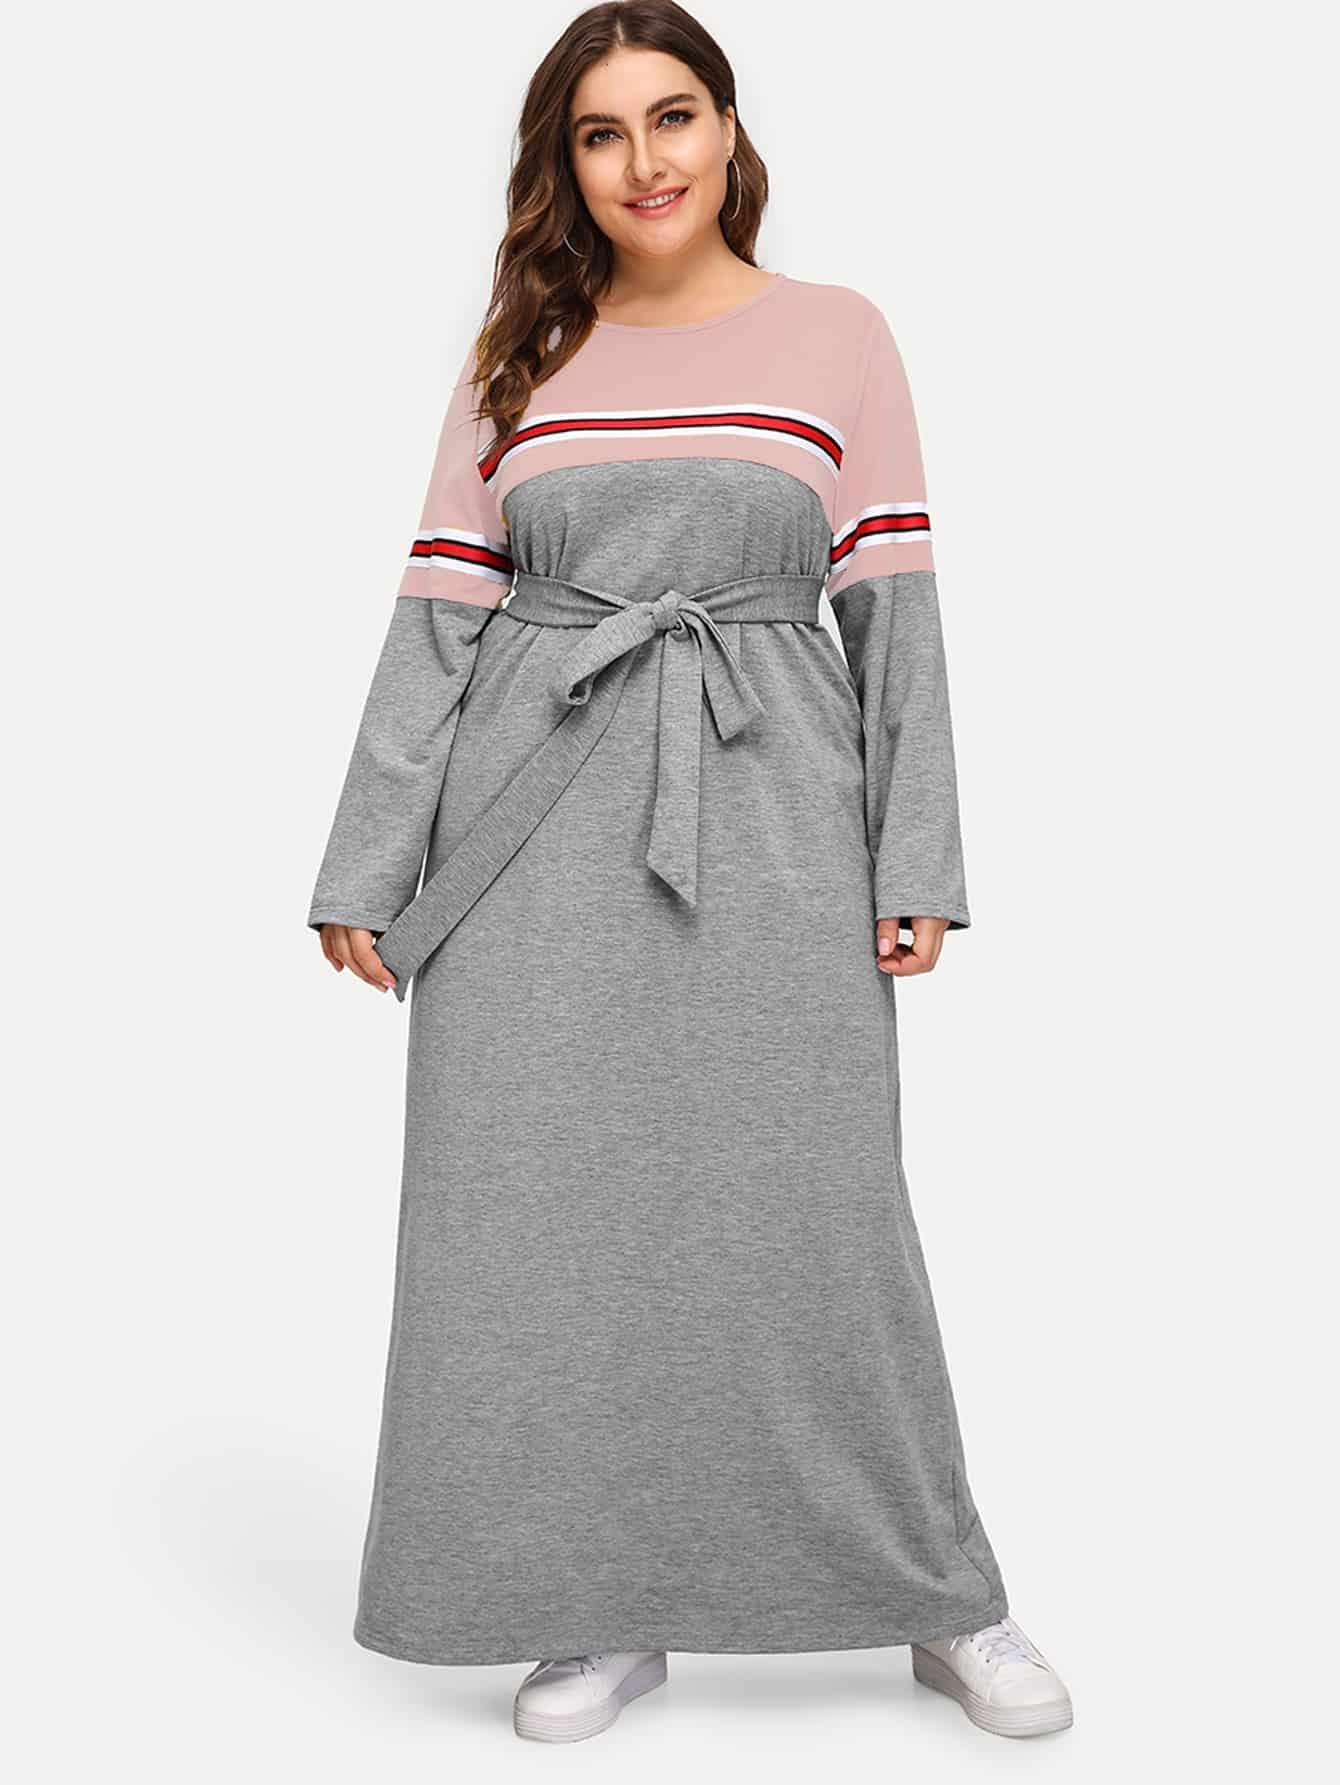 Купить Размер плюс контрастное платье с полосками и поясом, Franziska, SheIn